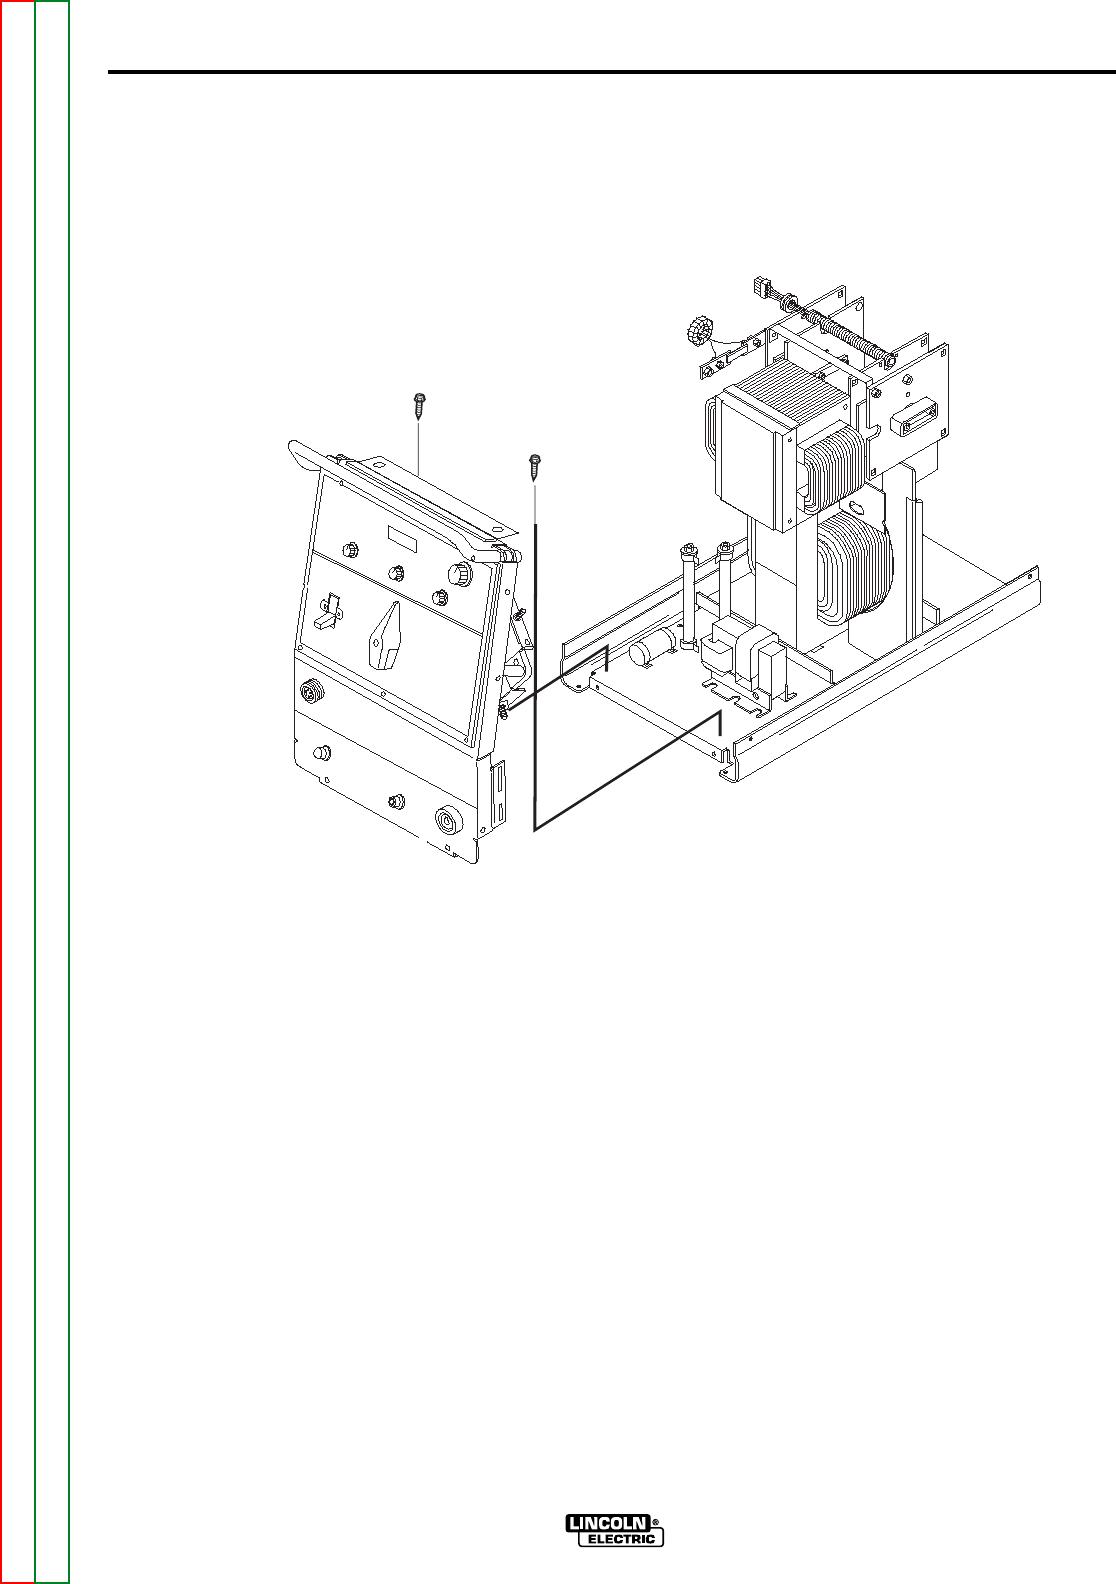 Precision tig 185